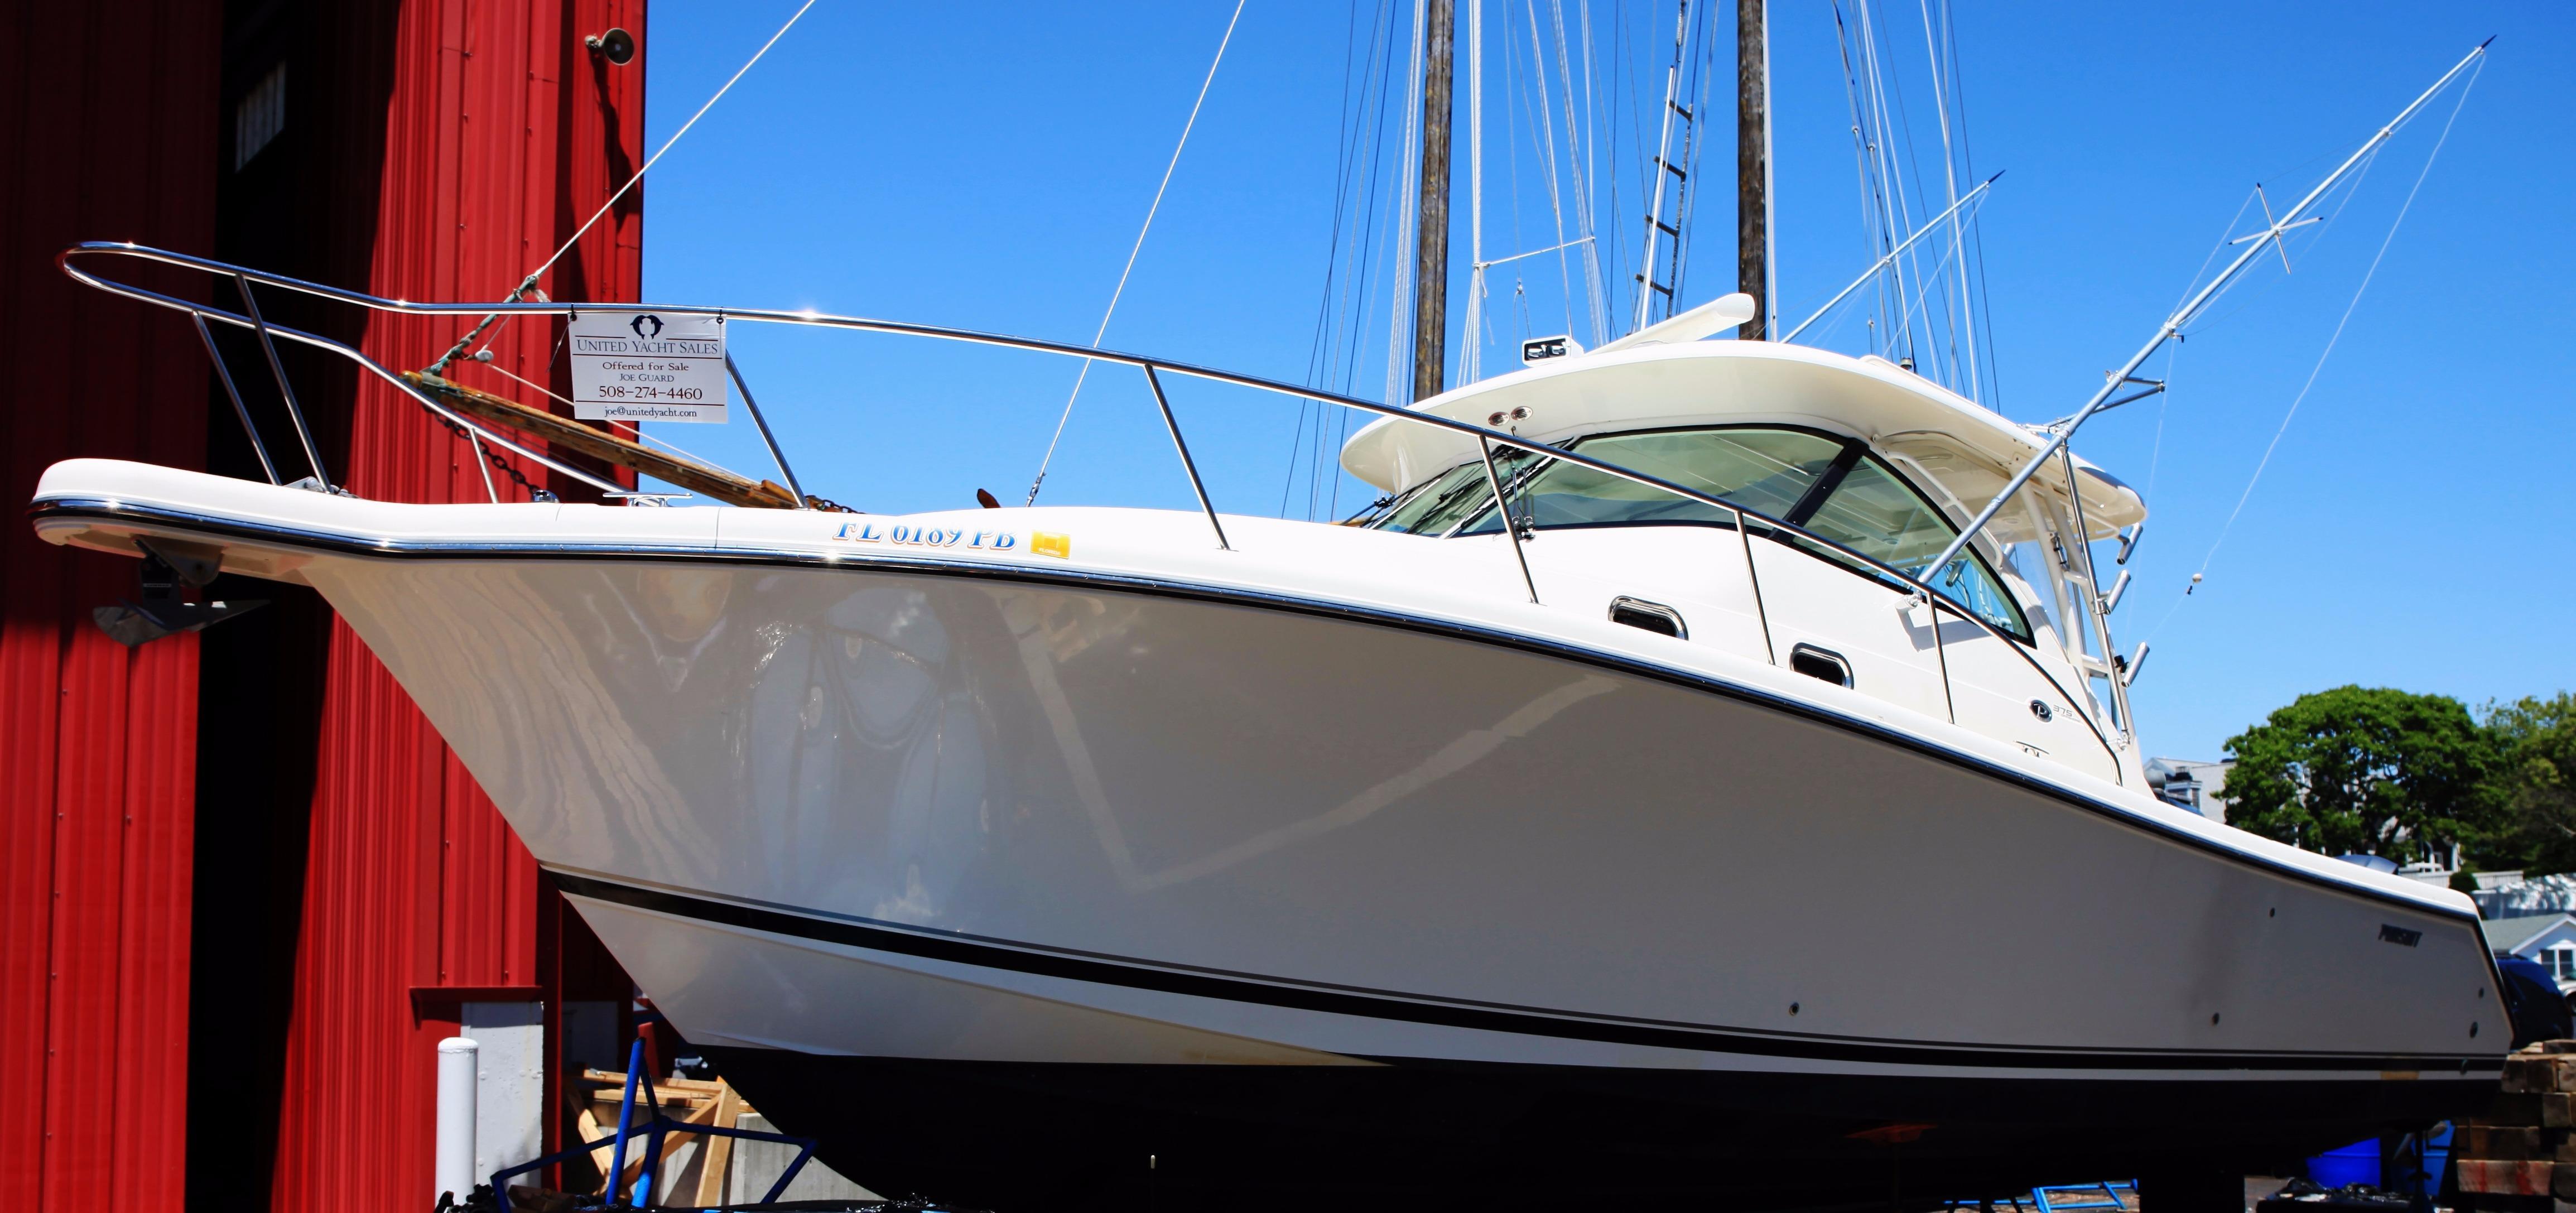 2010 Pursuit 375 Offshore